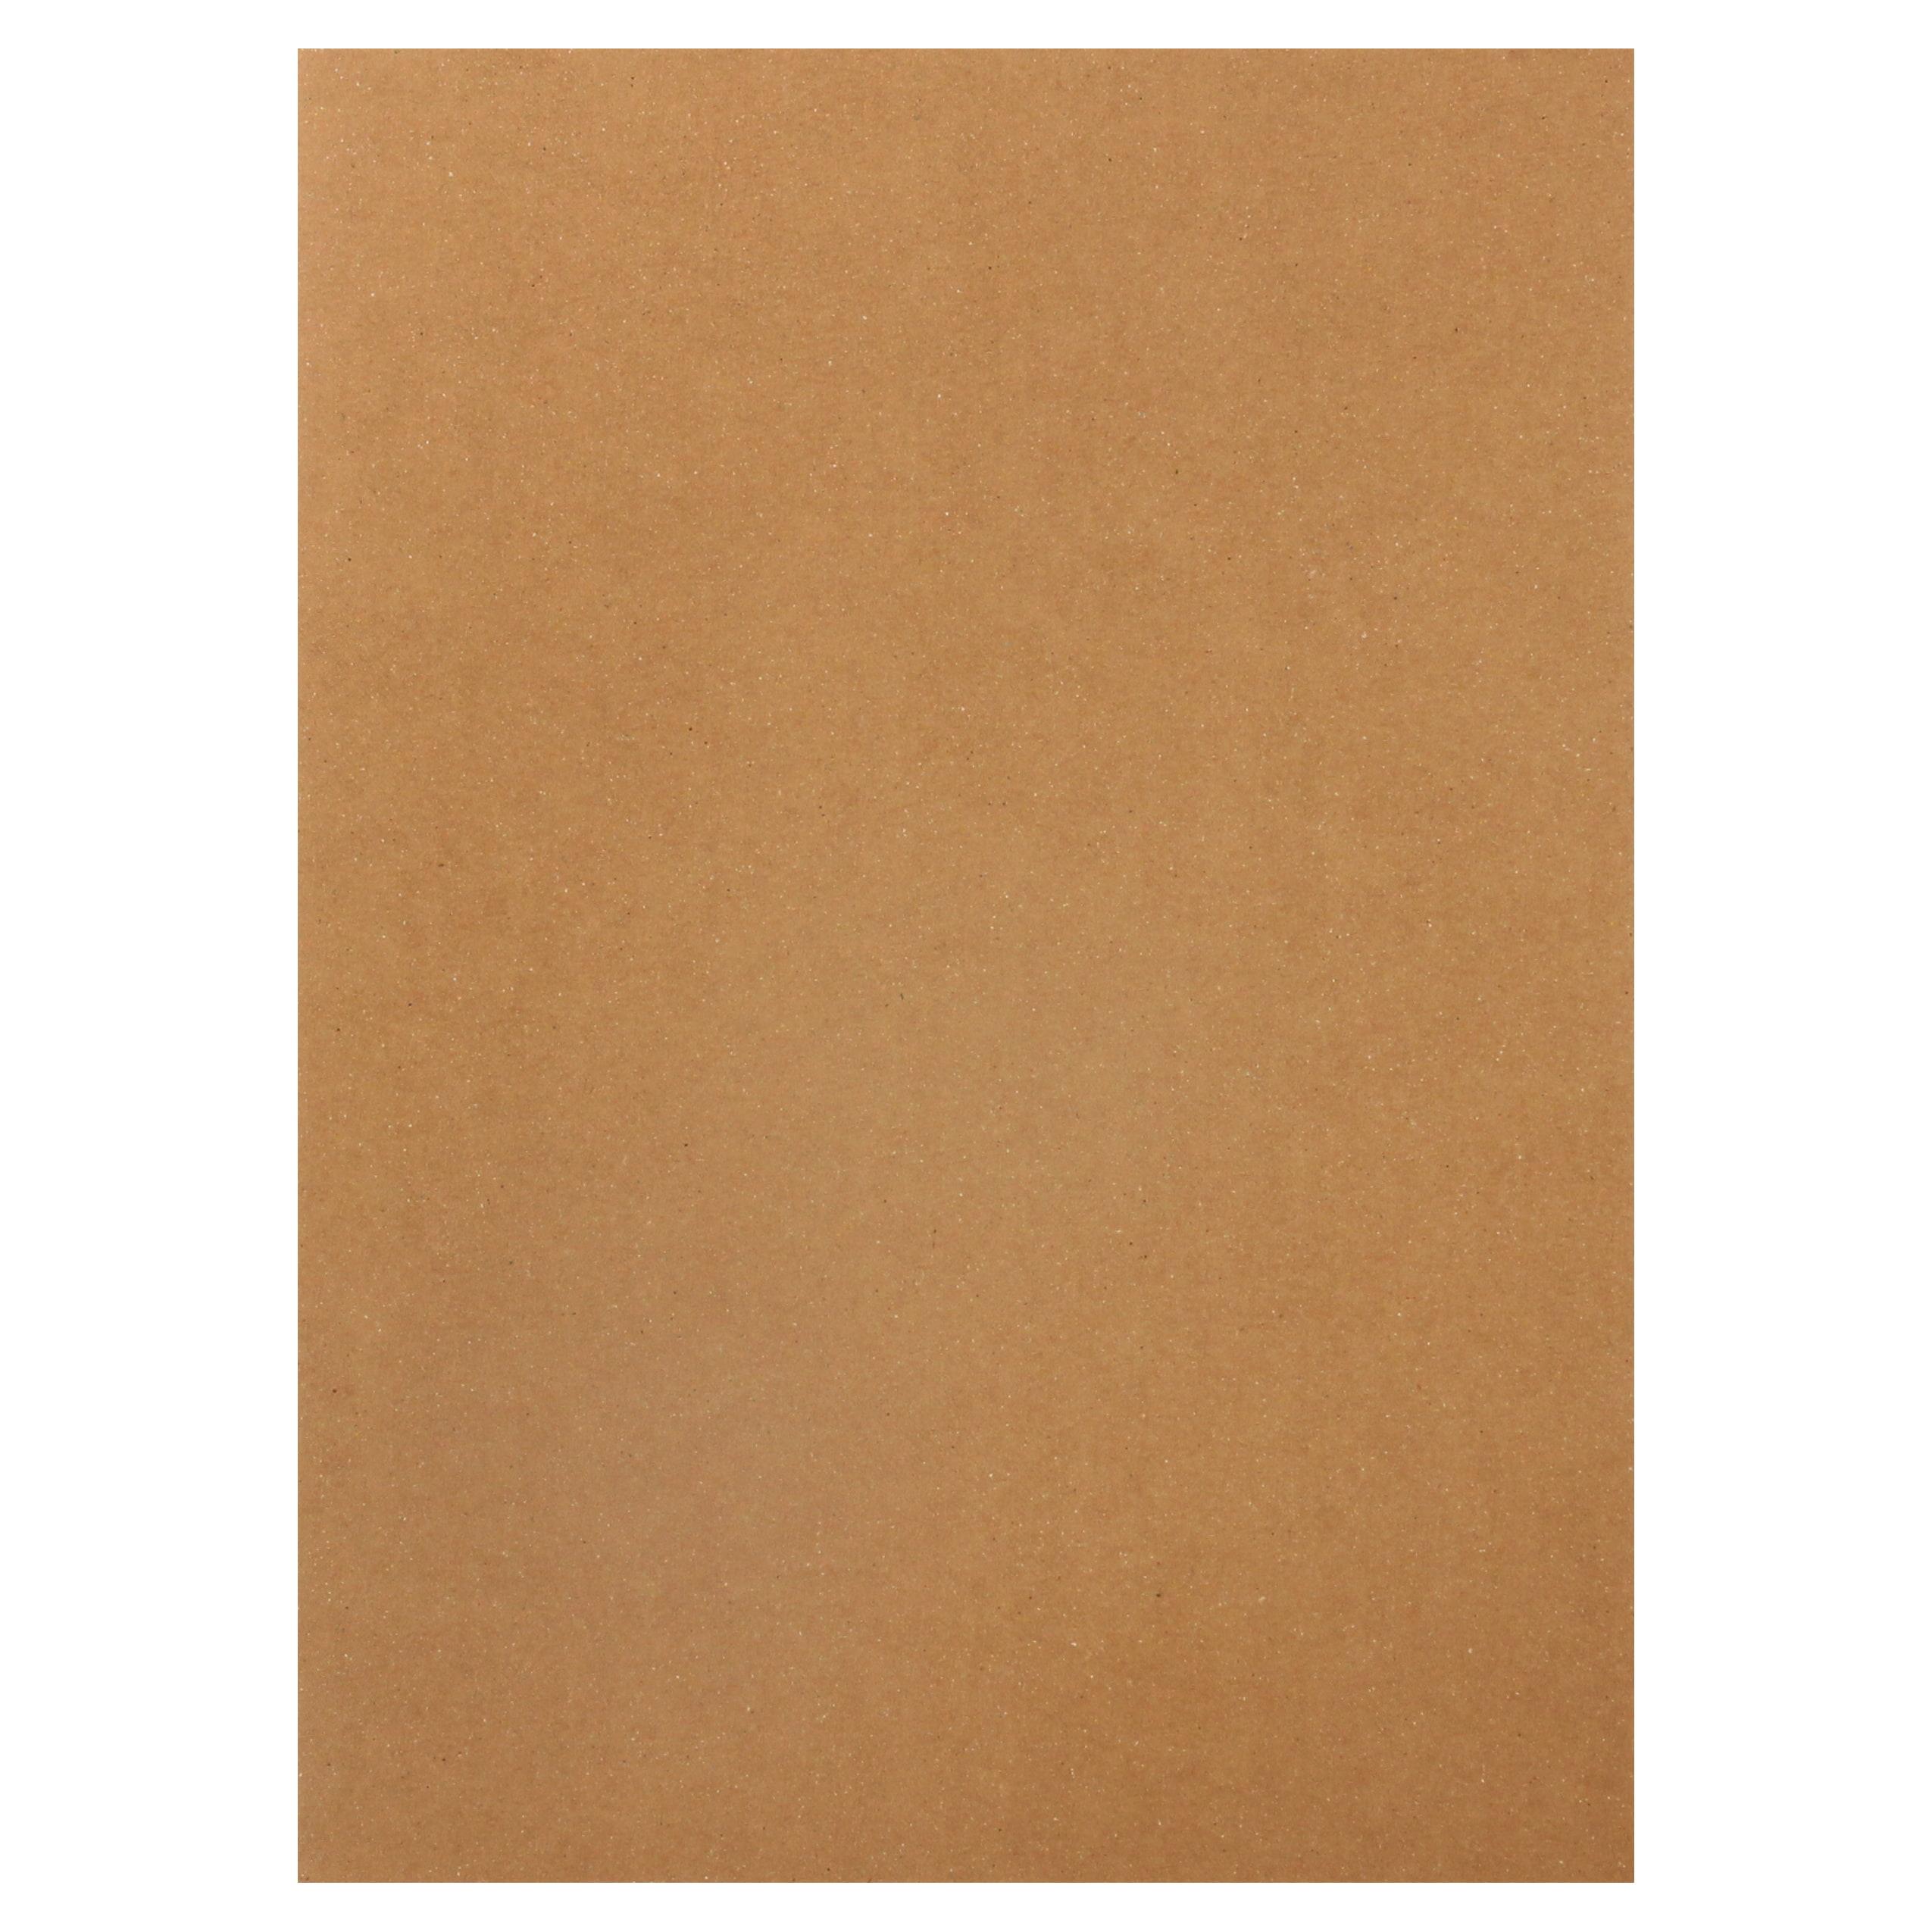 A4カード+α ボード紙 ブラウン 270g